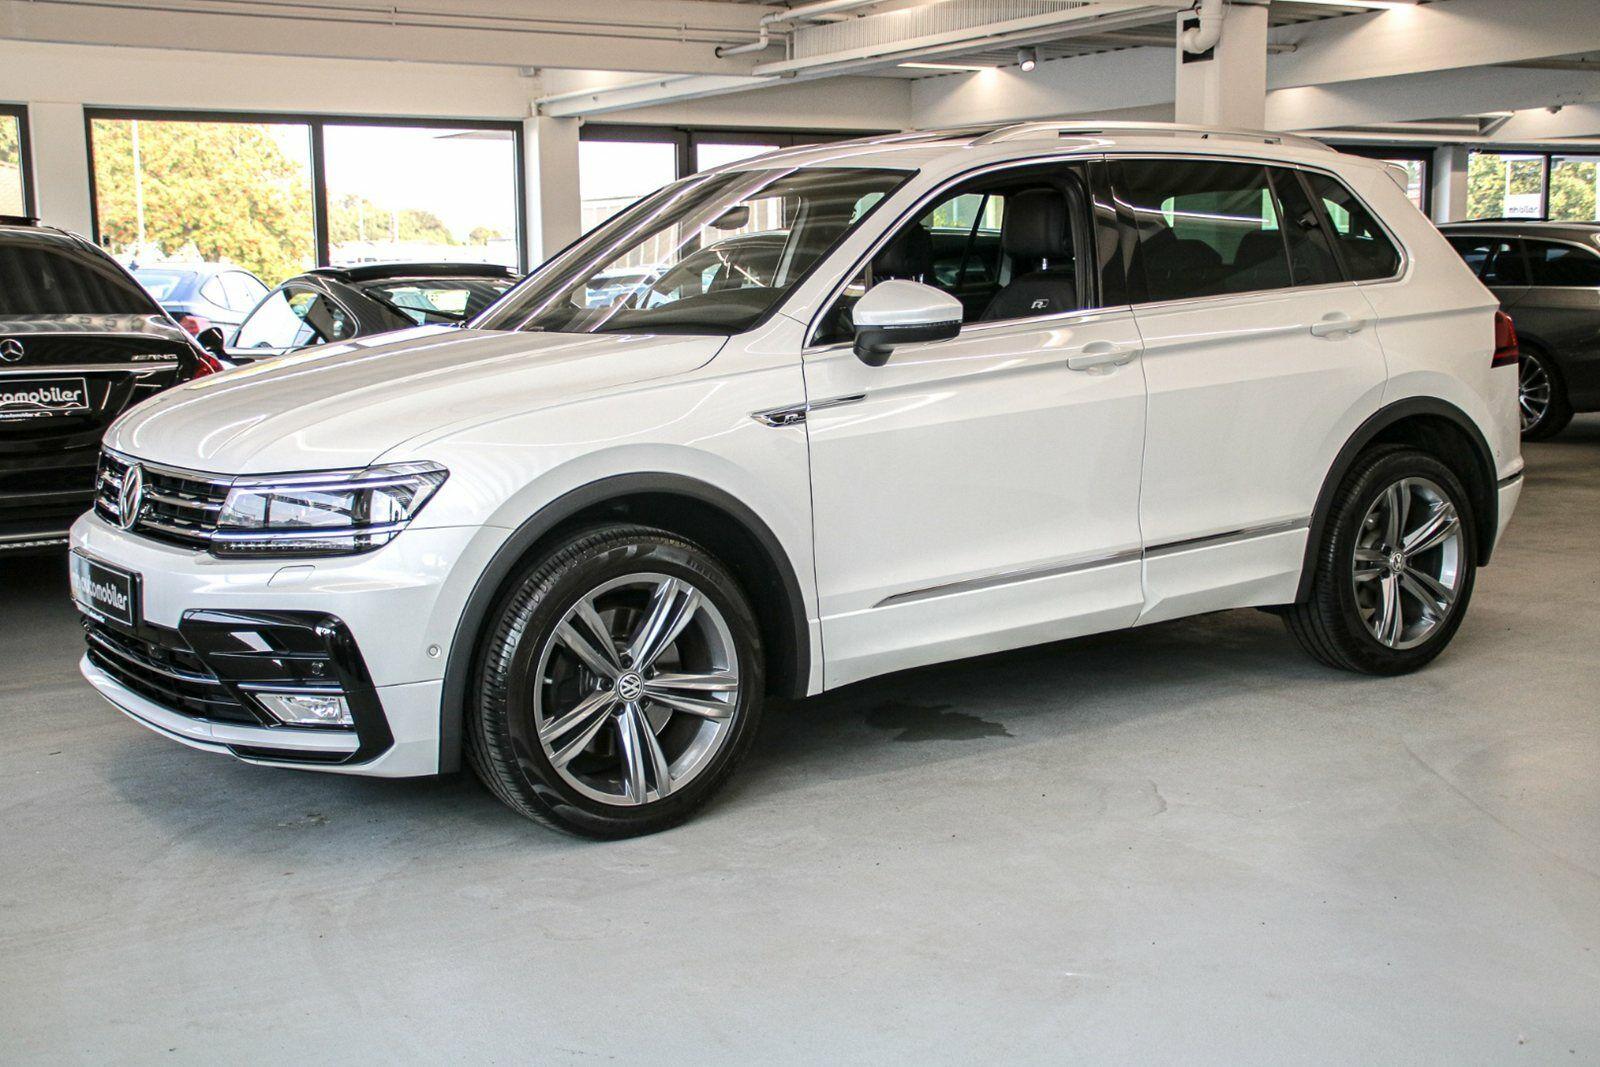 VW Tiguan 2,0 TDi 190 R-line DSG 4M 5d - 479.900 kr.